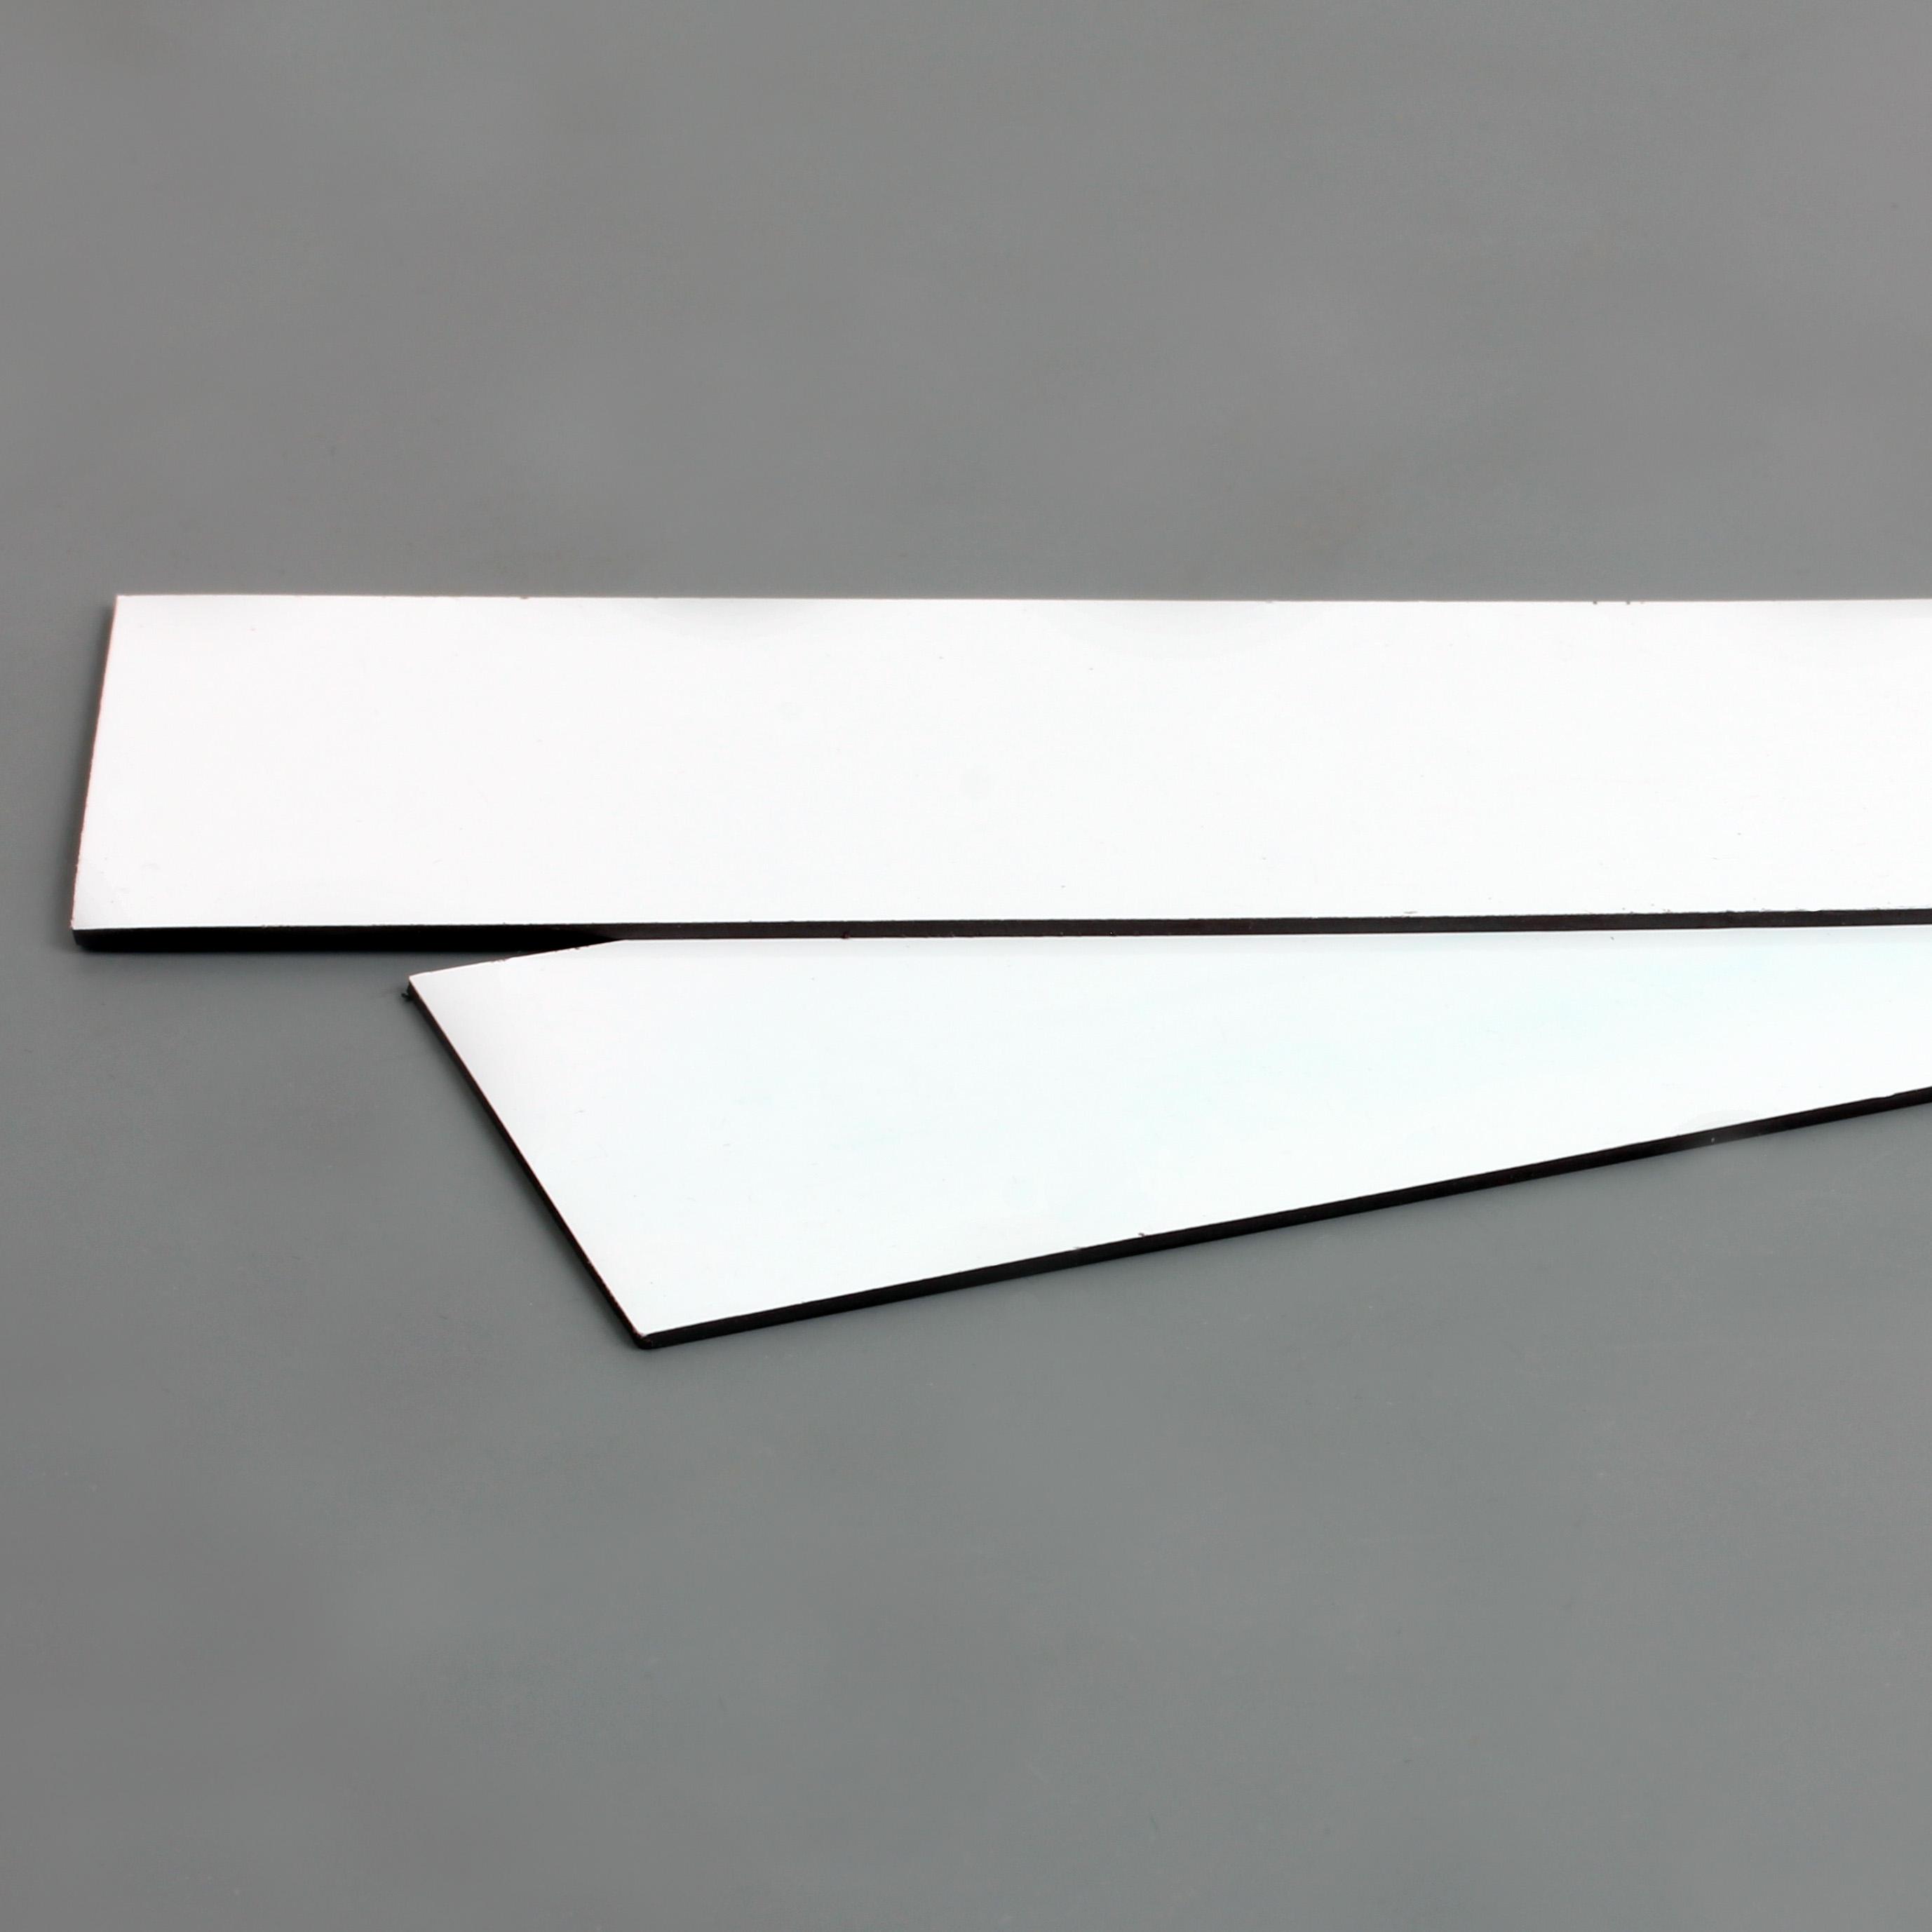 Etichette magnetiche - Magnete flessibile -  -